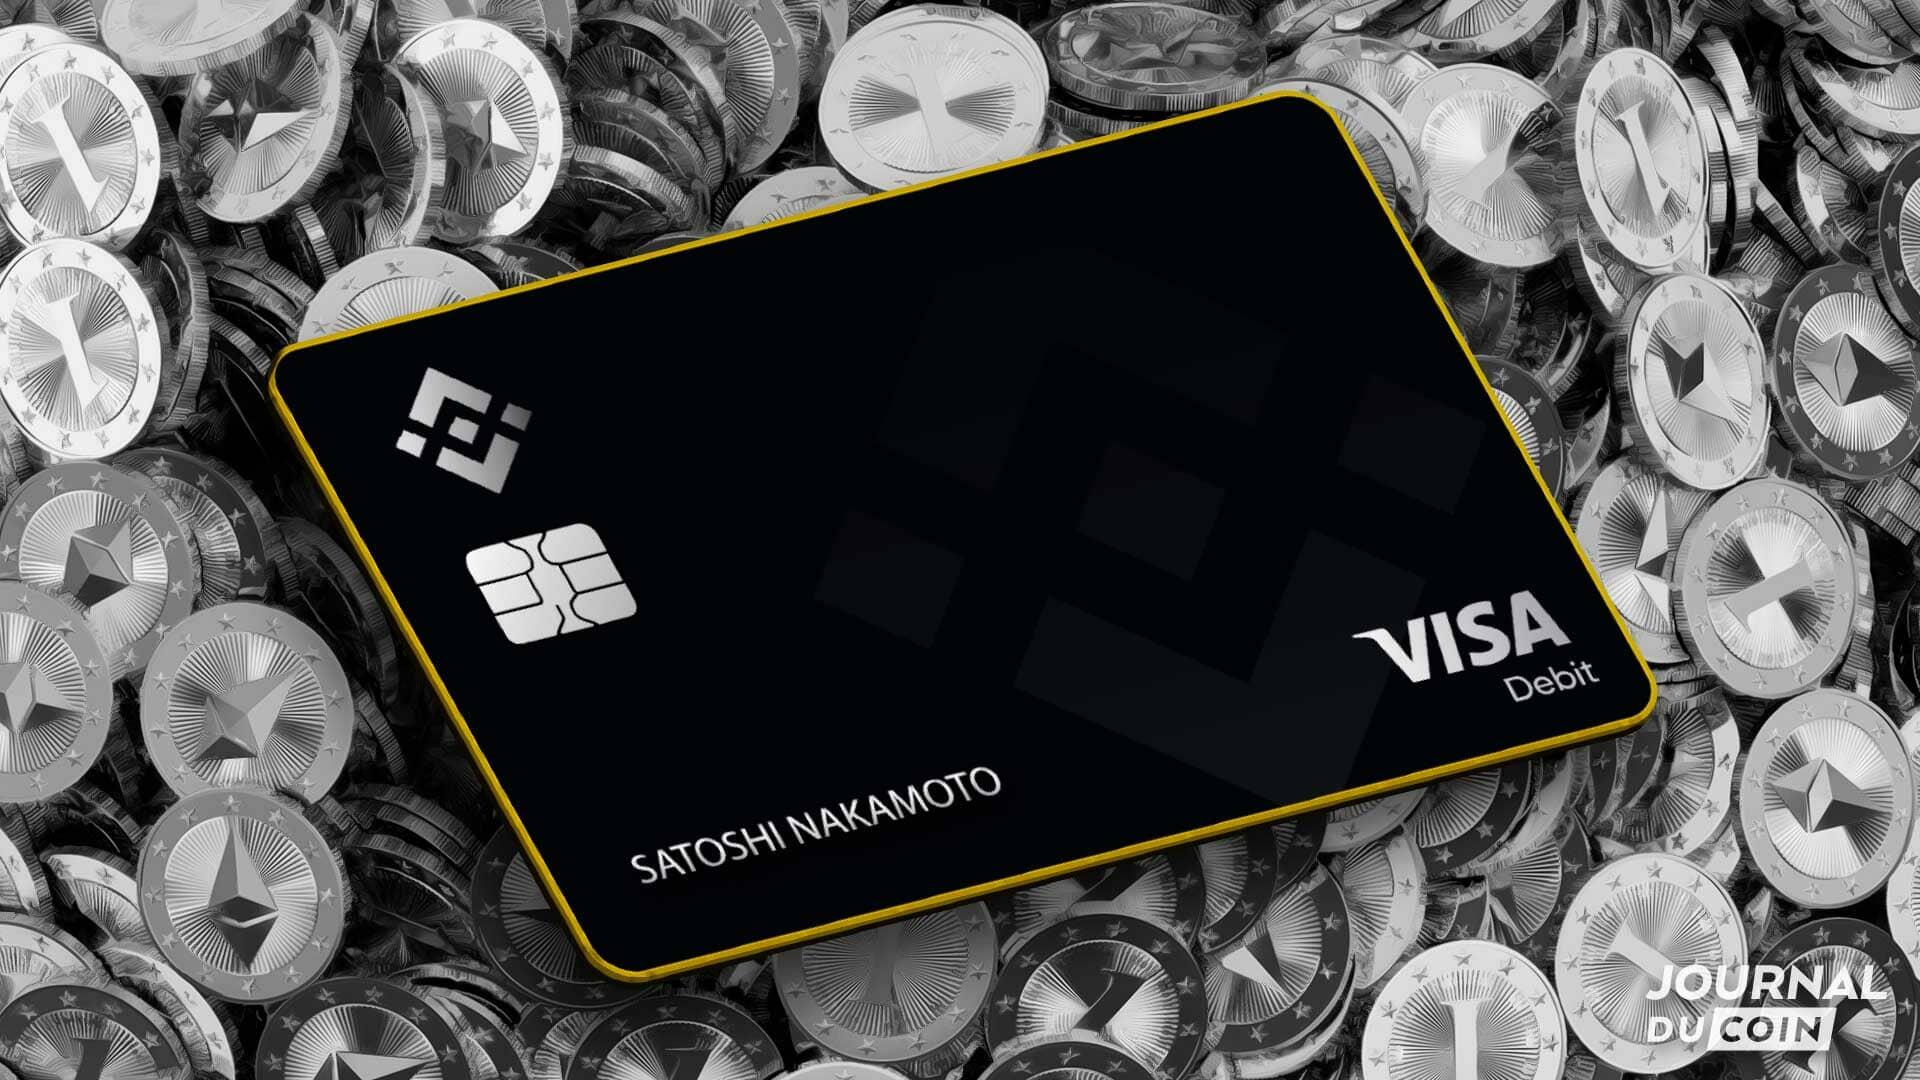 S'inscrire sur Binance et obtenir la carte VISA gratuite